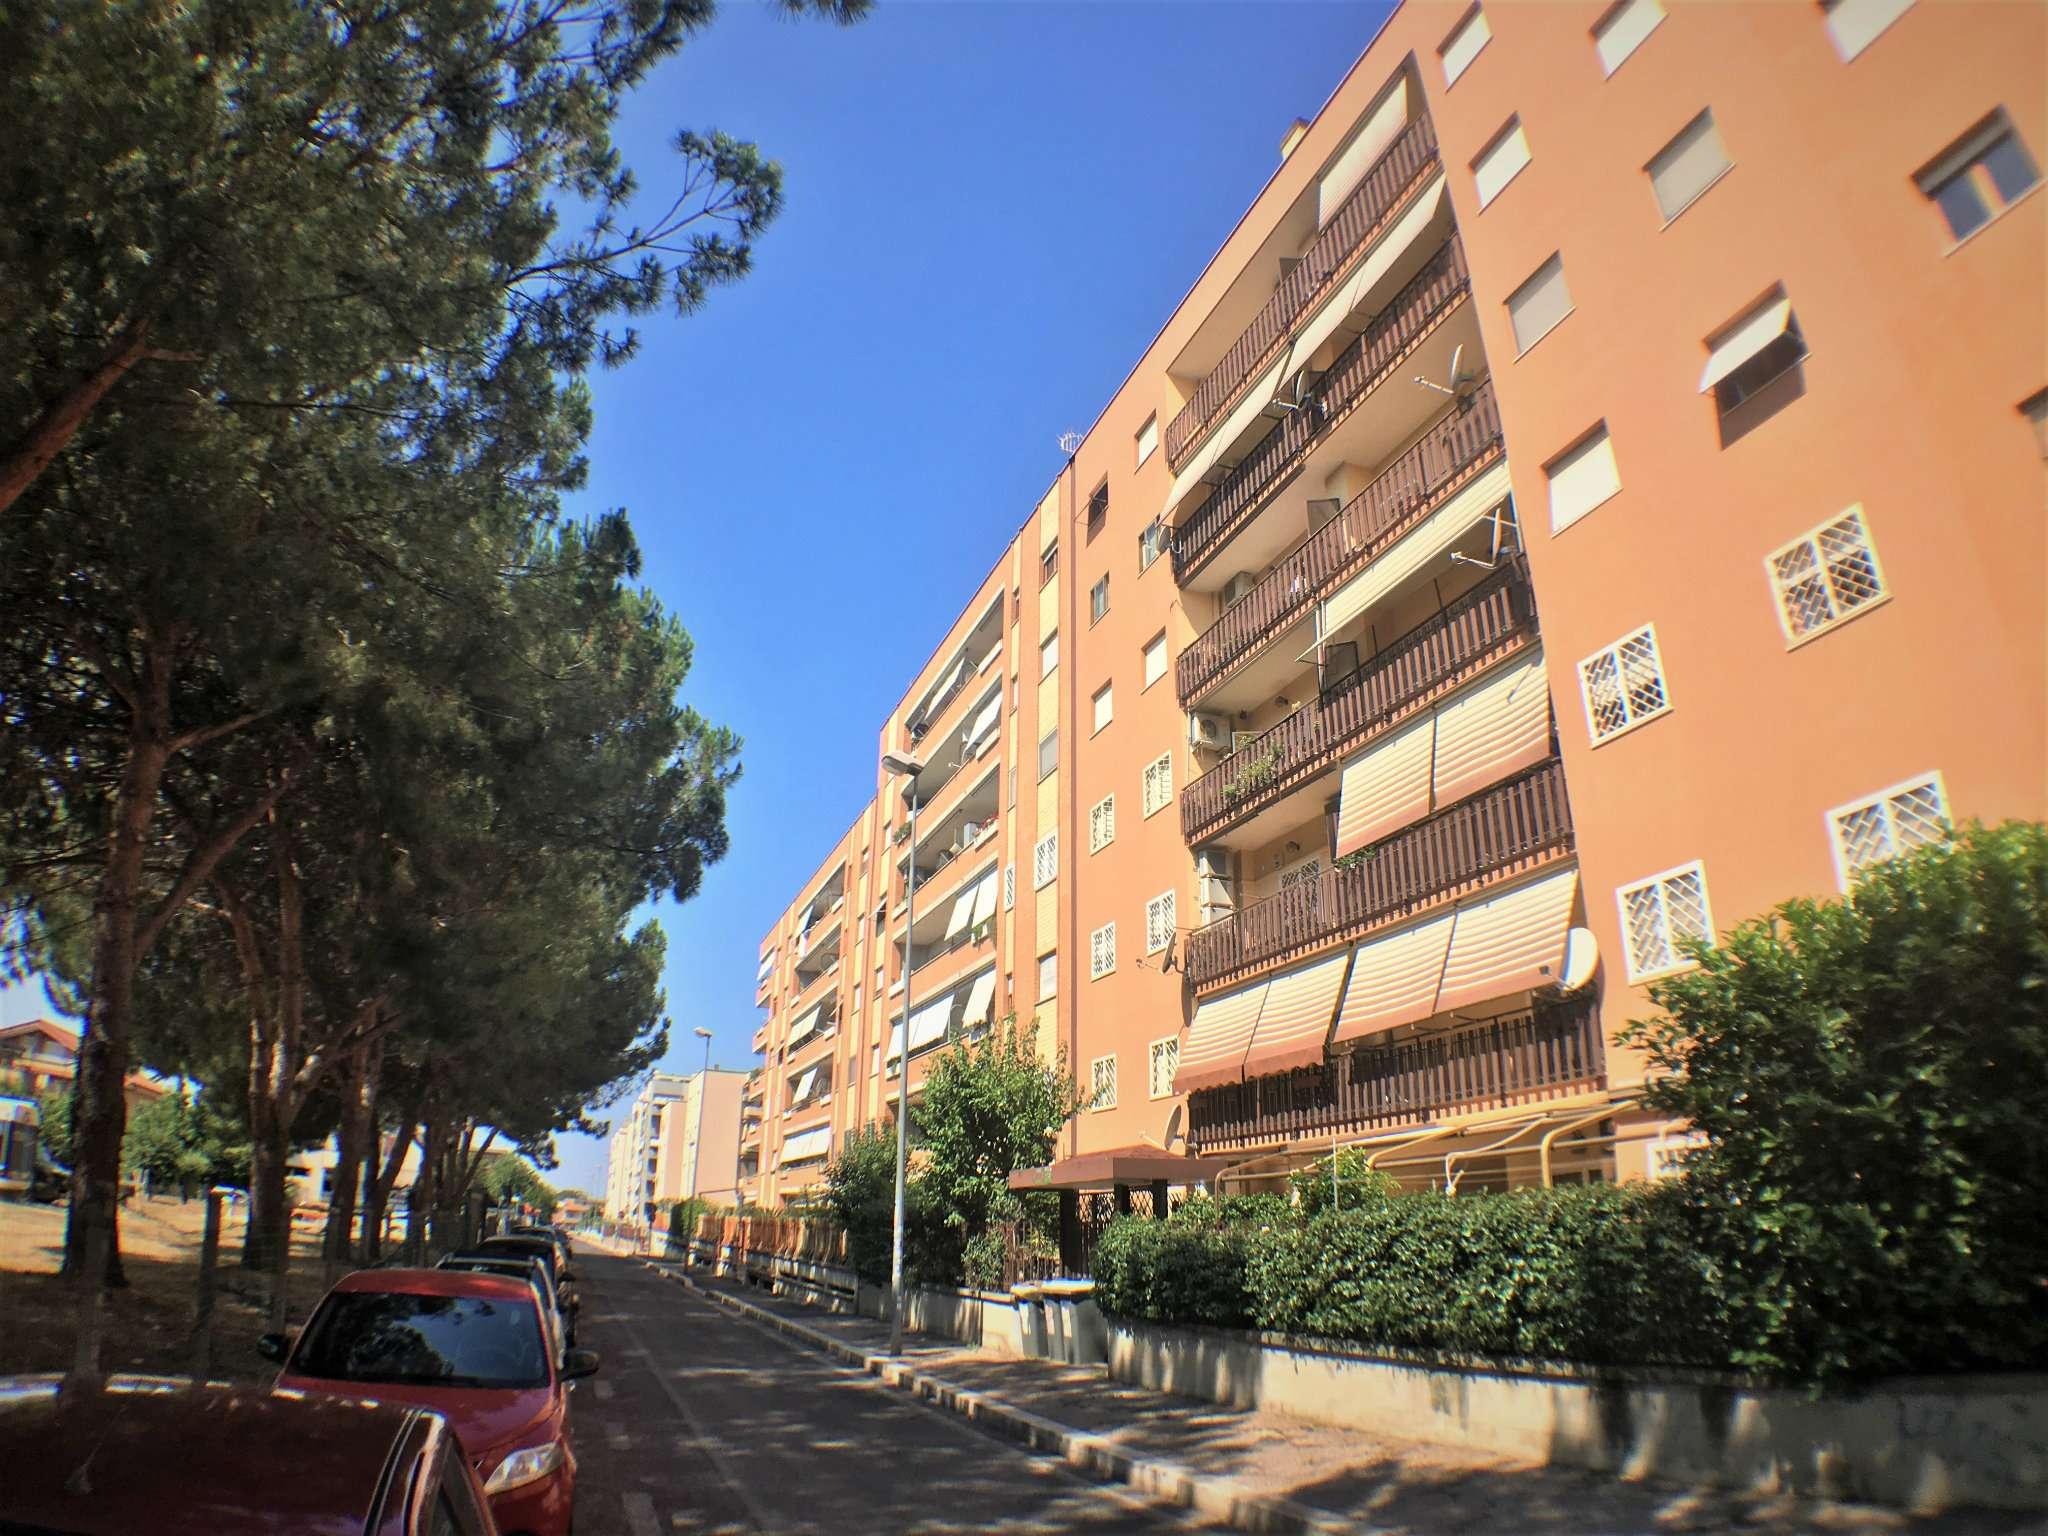 Appartamento in vendita a Ciampino, 4 locali, prezzo € 249.000 | PortaleAgenzieImmobiliari.it